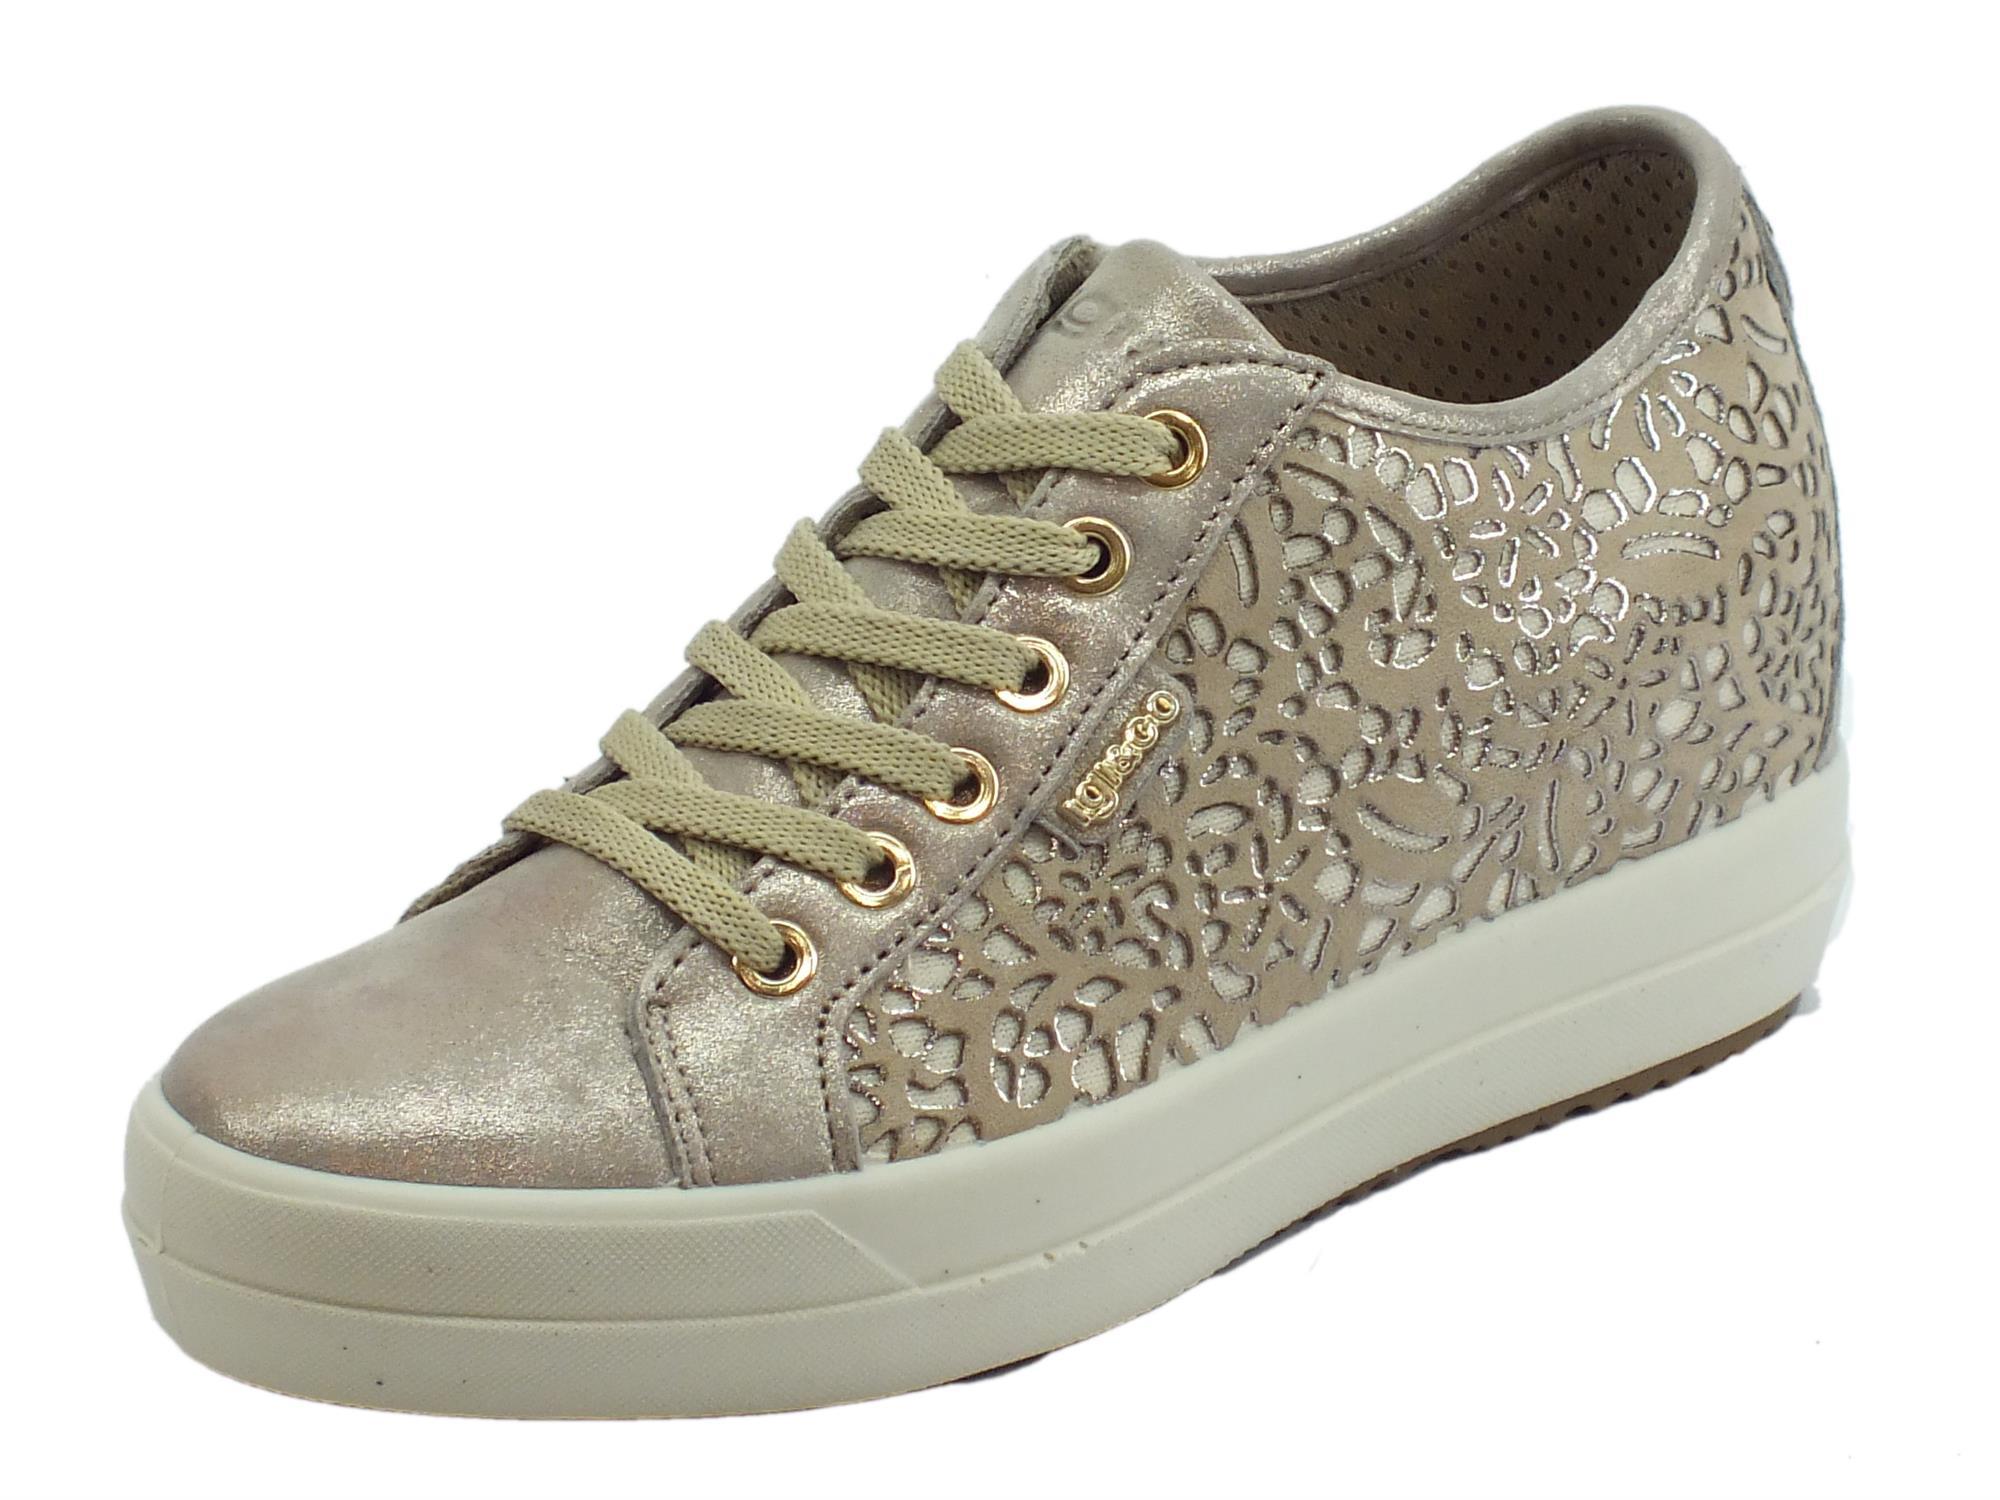 1160b818a4 Sneakers Igi&Co per donna in pelle laserata nuvolato e perlata taupe zeppa  interna